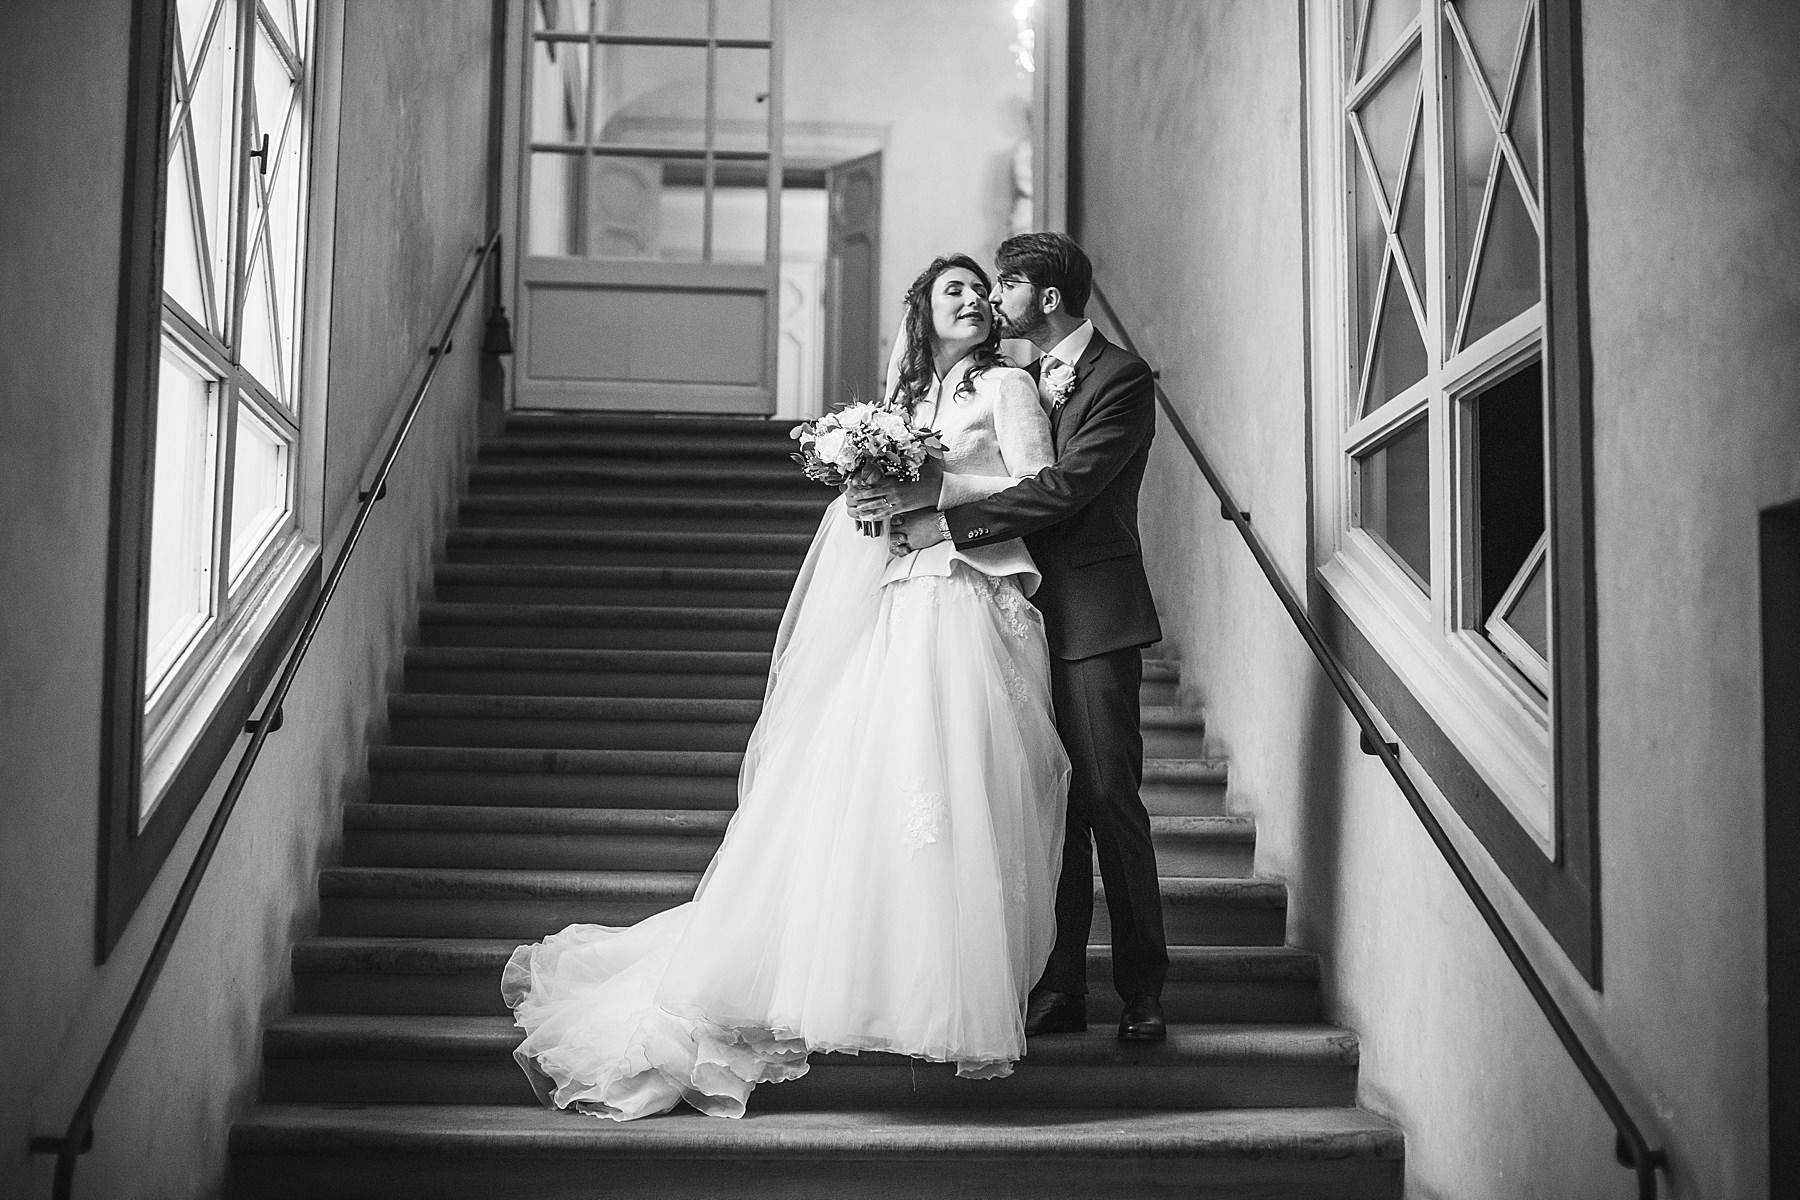 fotografia-di-matrimonio-a-firenze-in-inverno-754.JPG